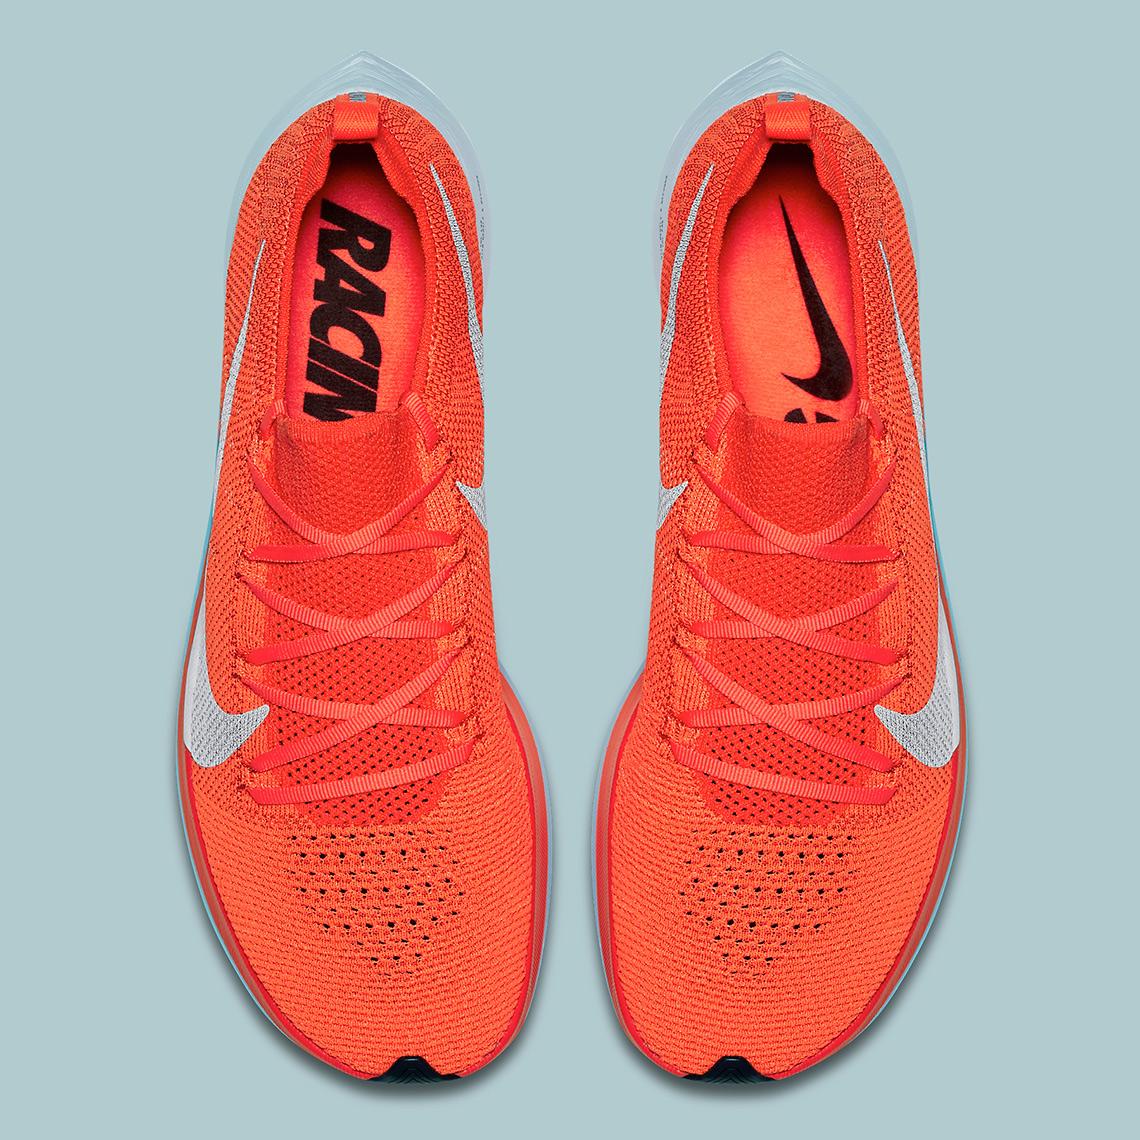 quality design 7e839 f8dcf Nike Vaporfly 4 Percent AJ3857-600 Release Info   SneakerNews.com